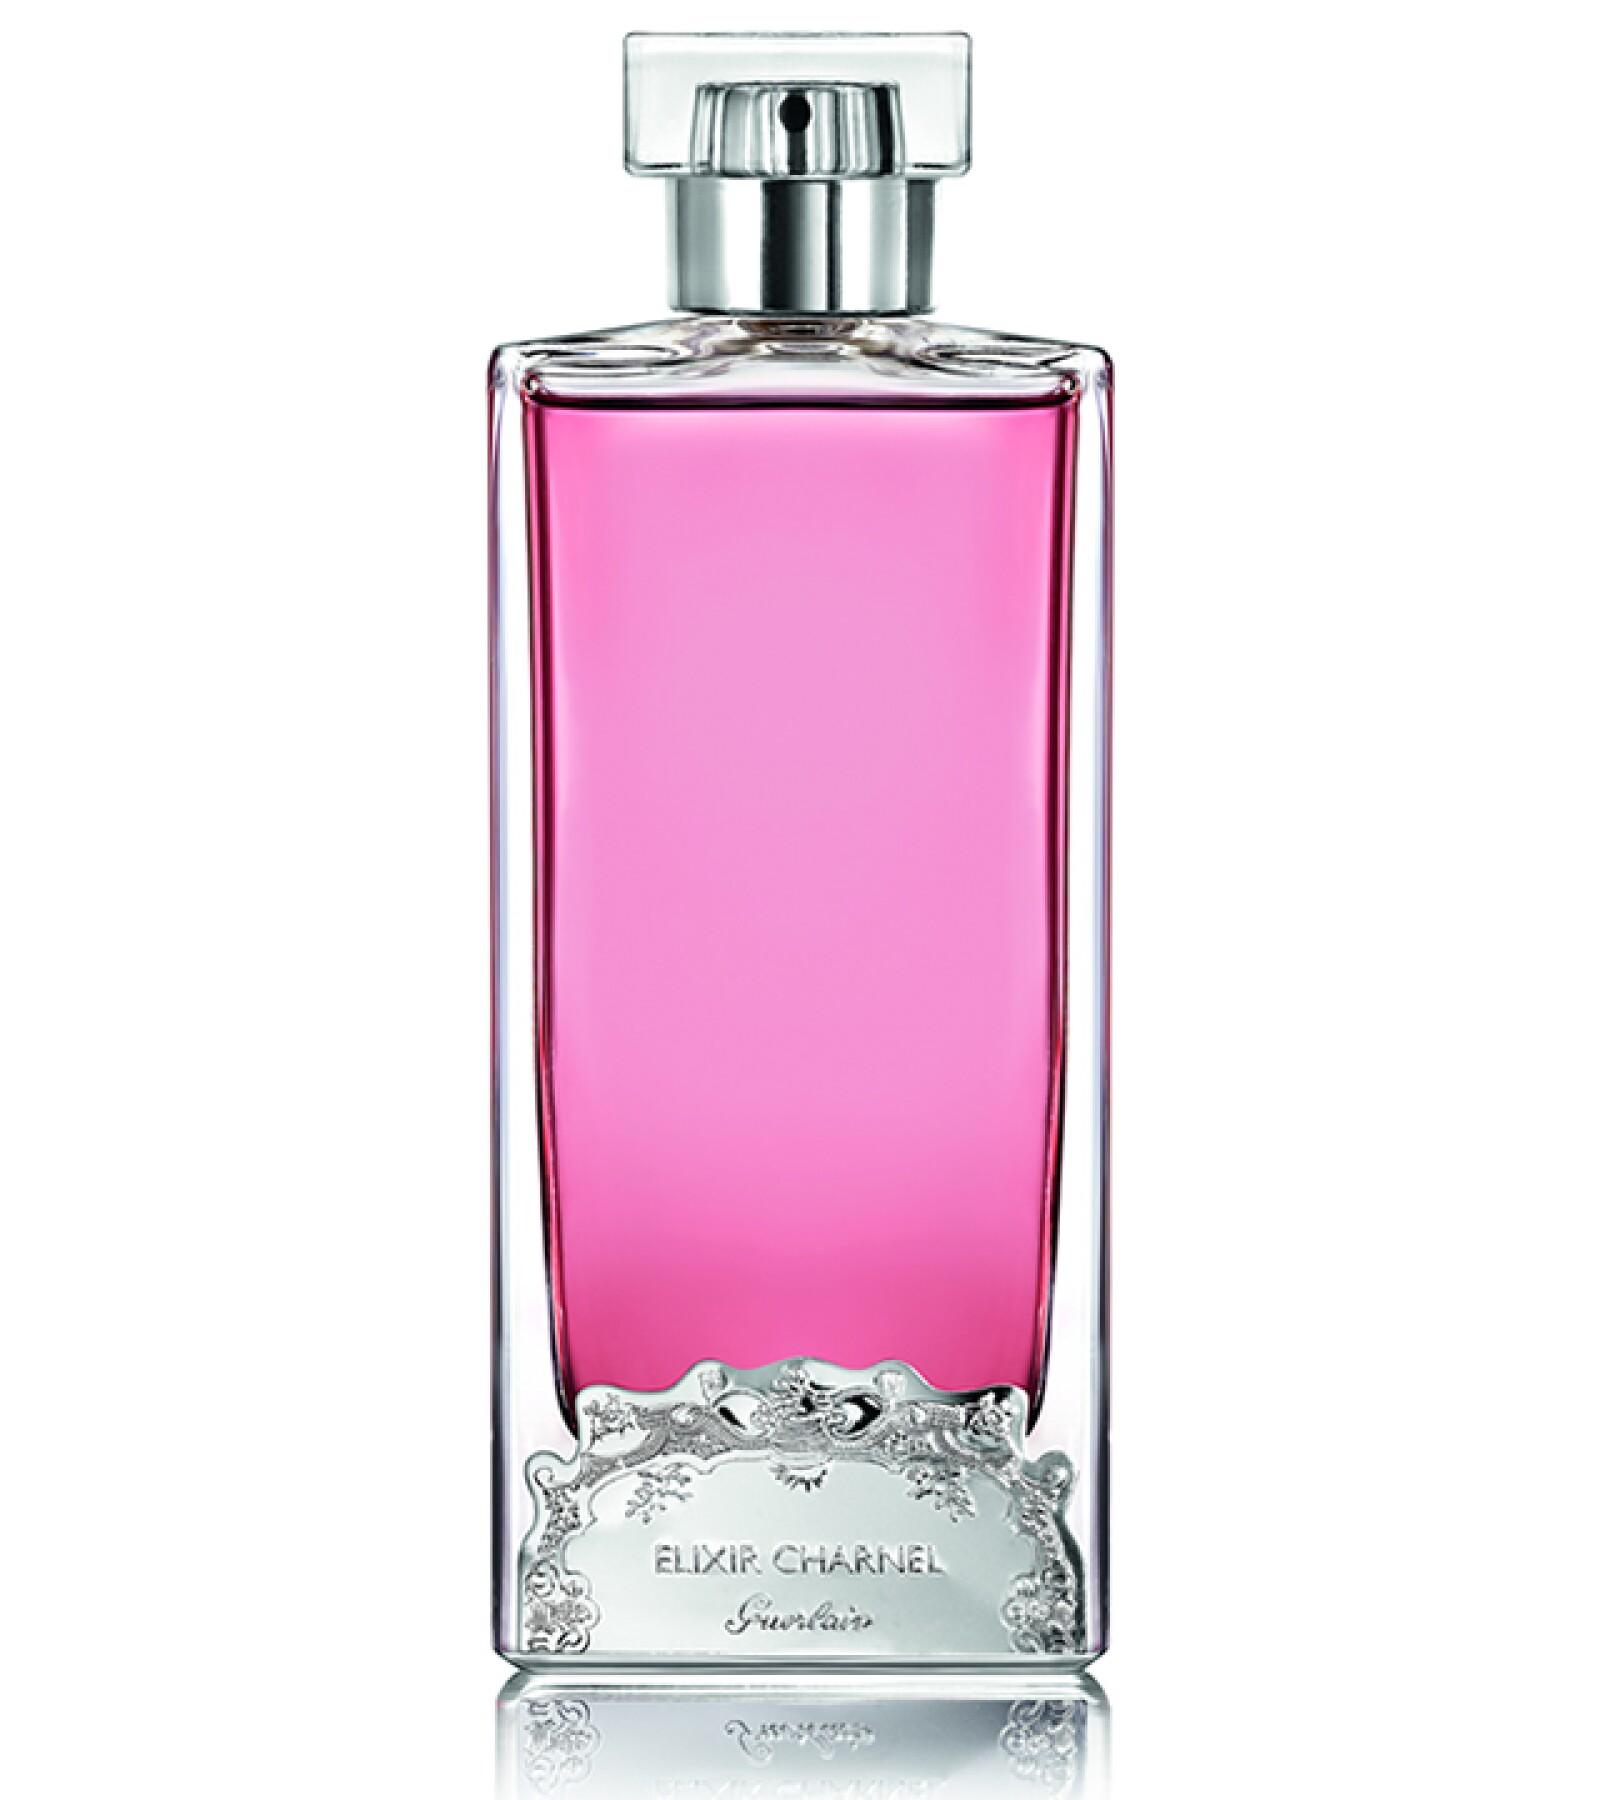 Guerlain revela su más preciado secreto de seducción con su colección Elixir Charnel de Les Exclusifs. El perfume French Kiss, te dejará sintiéndote más sensual que nunca con toques de rosa, lychee y heliótropo. El Palacio de Hierro Moliere. Precio en punto de venta.